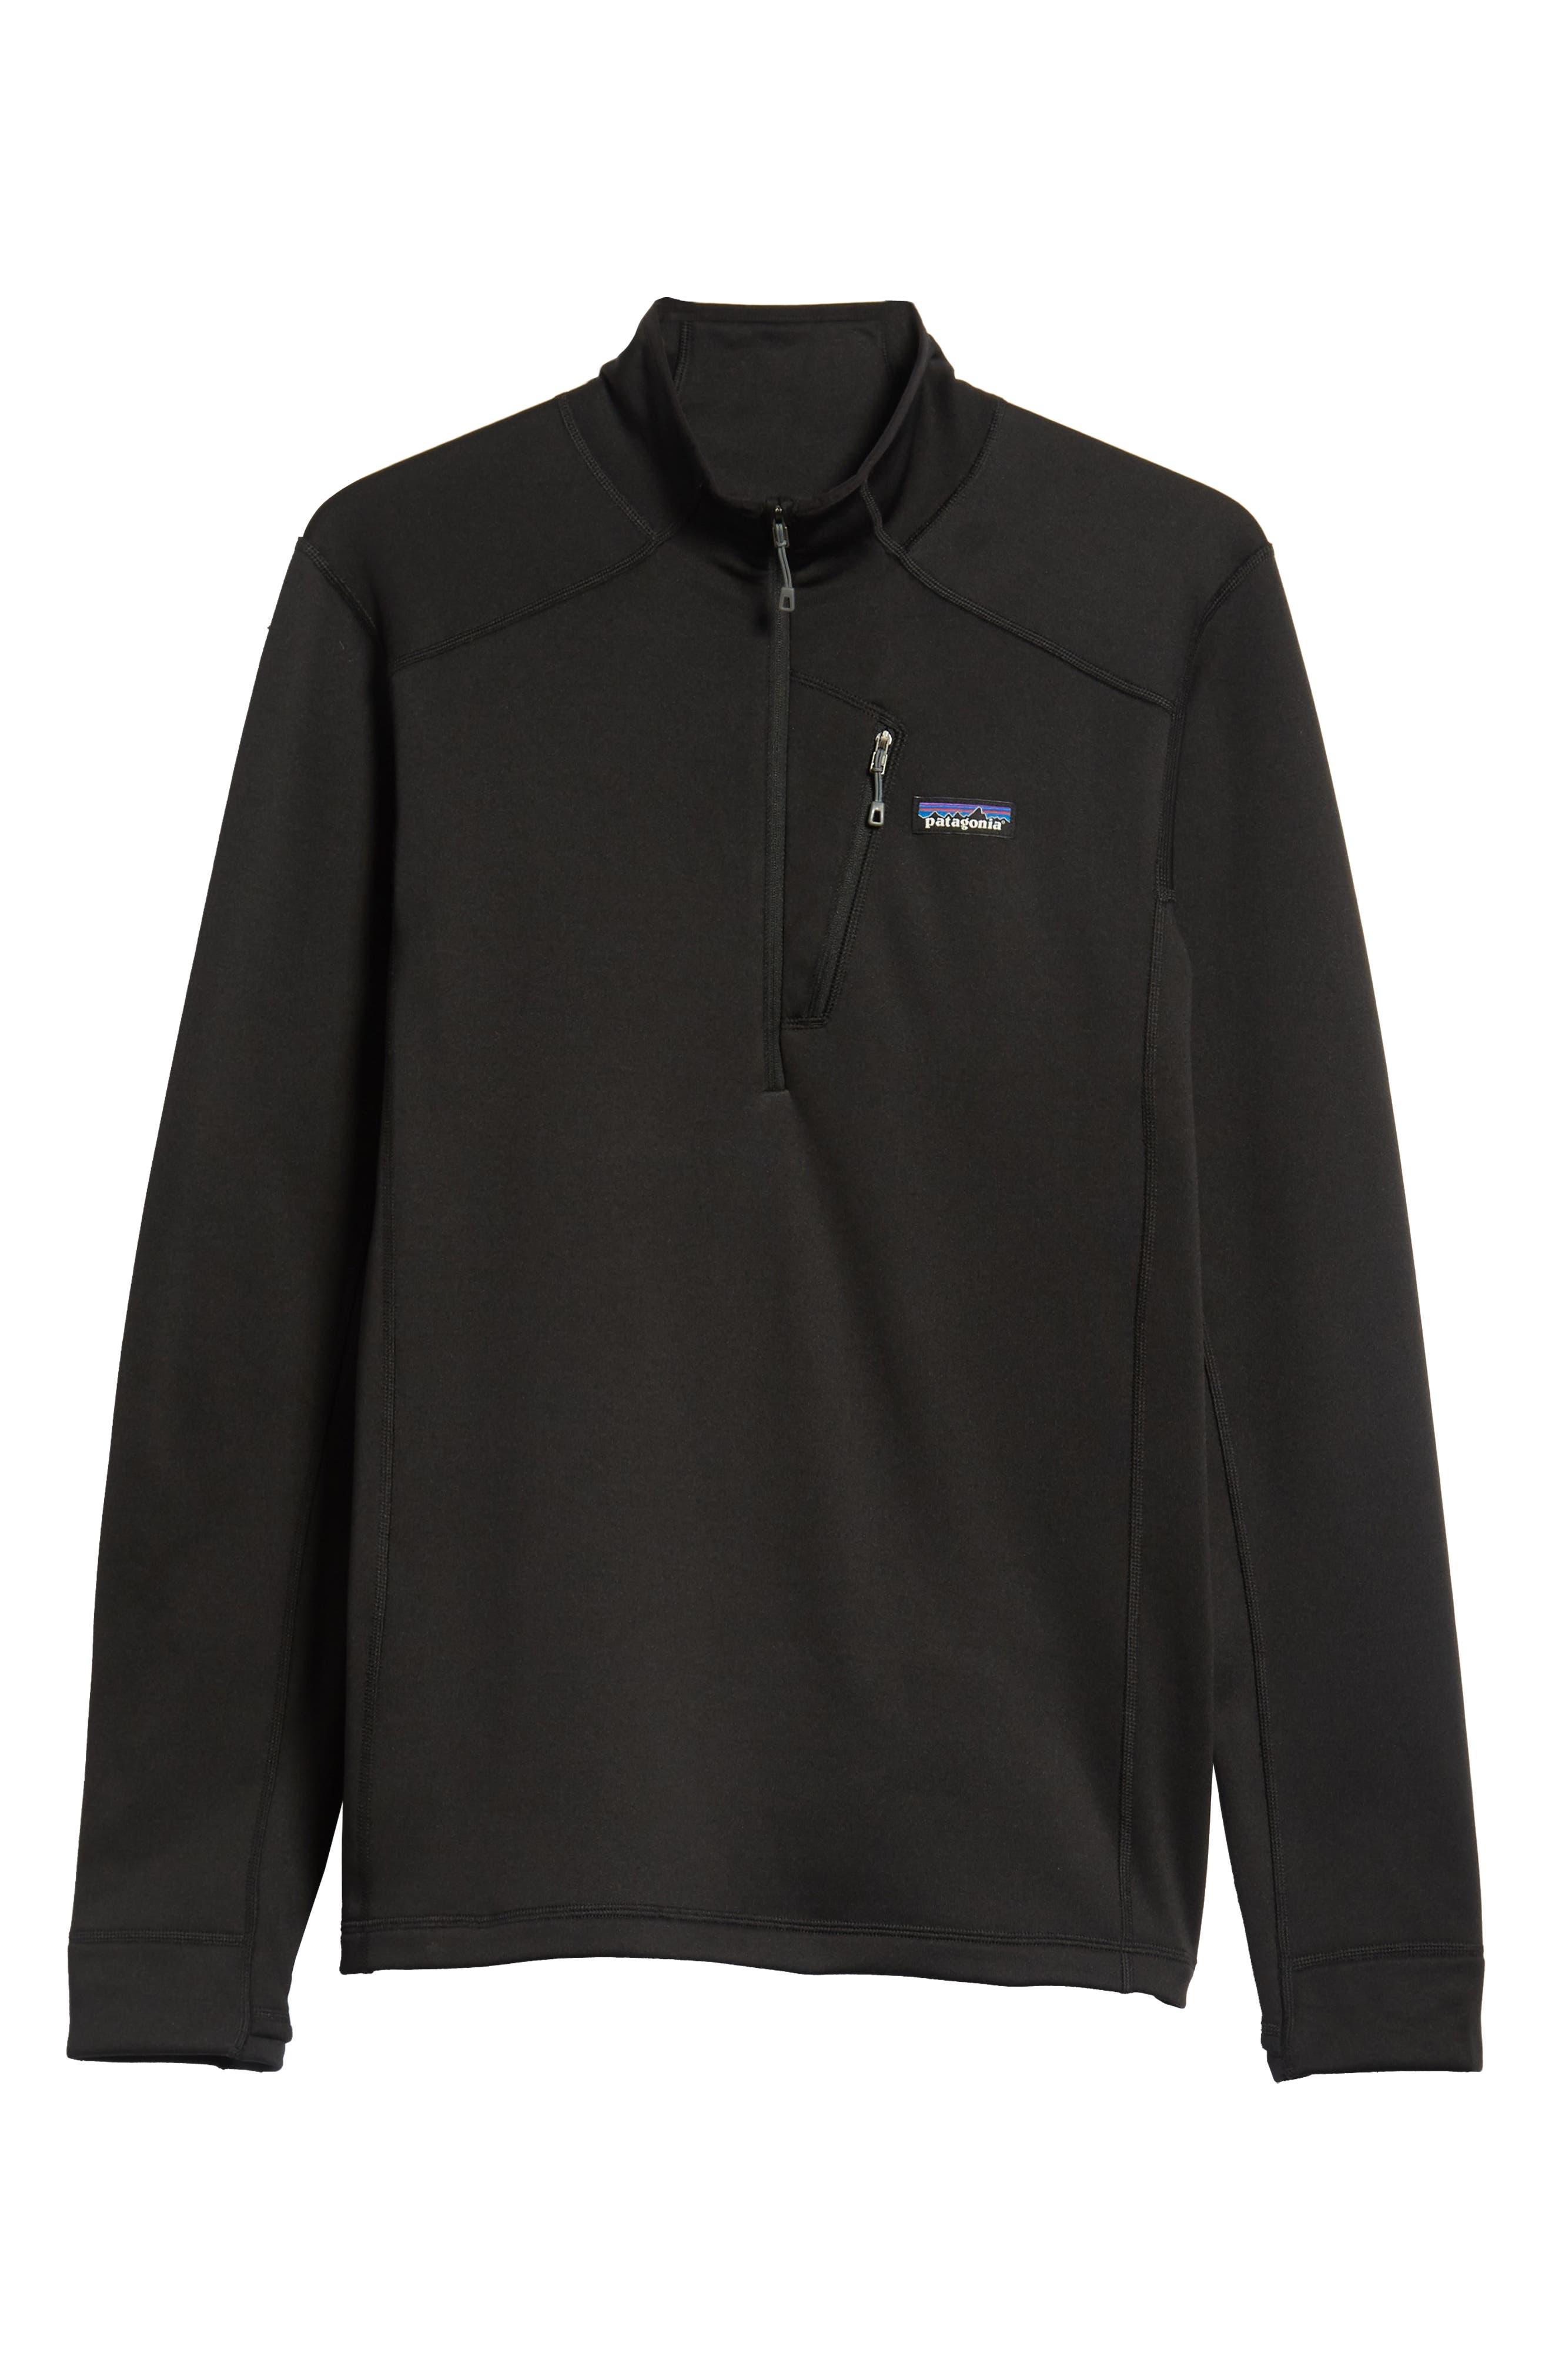 Crosstrek Quarter Zip Fleece Pullover,                             Alternate thumbnail 6, color,                             BLACK